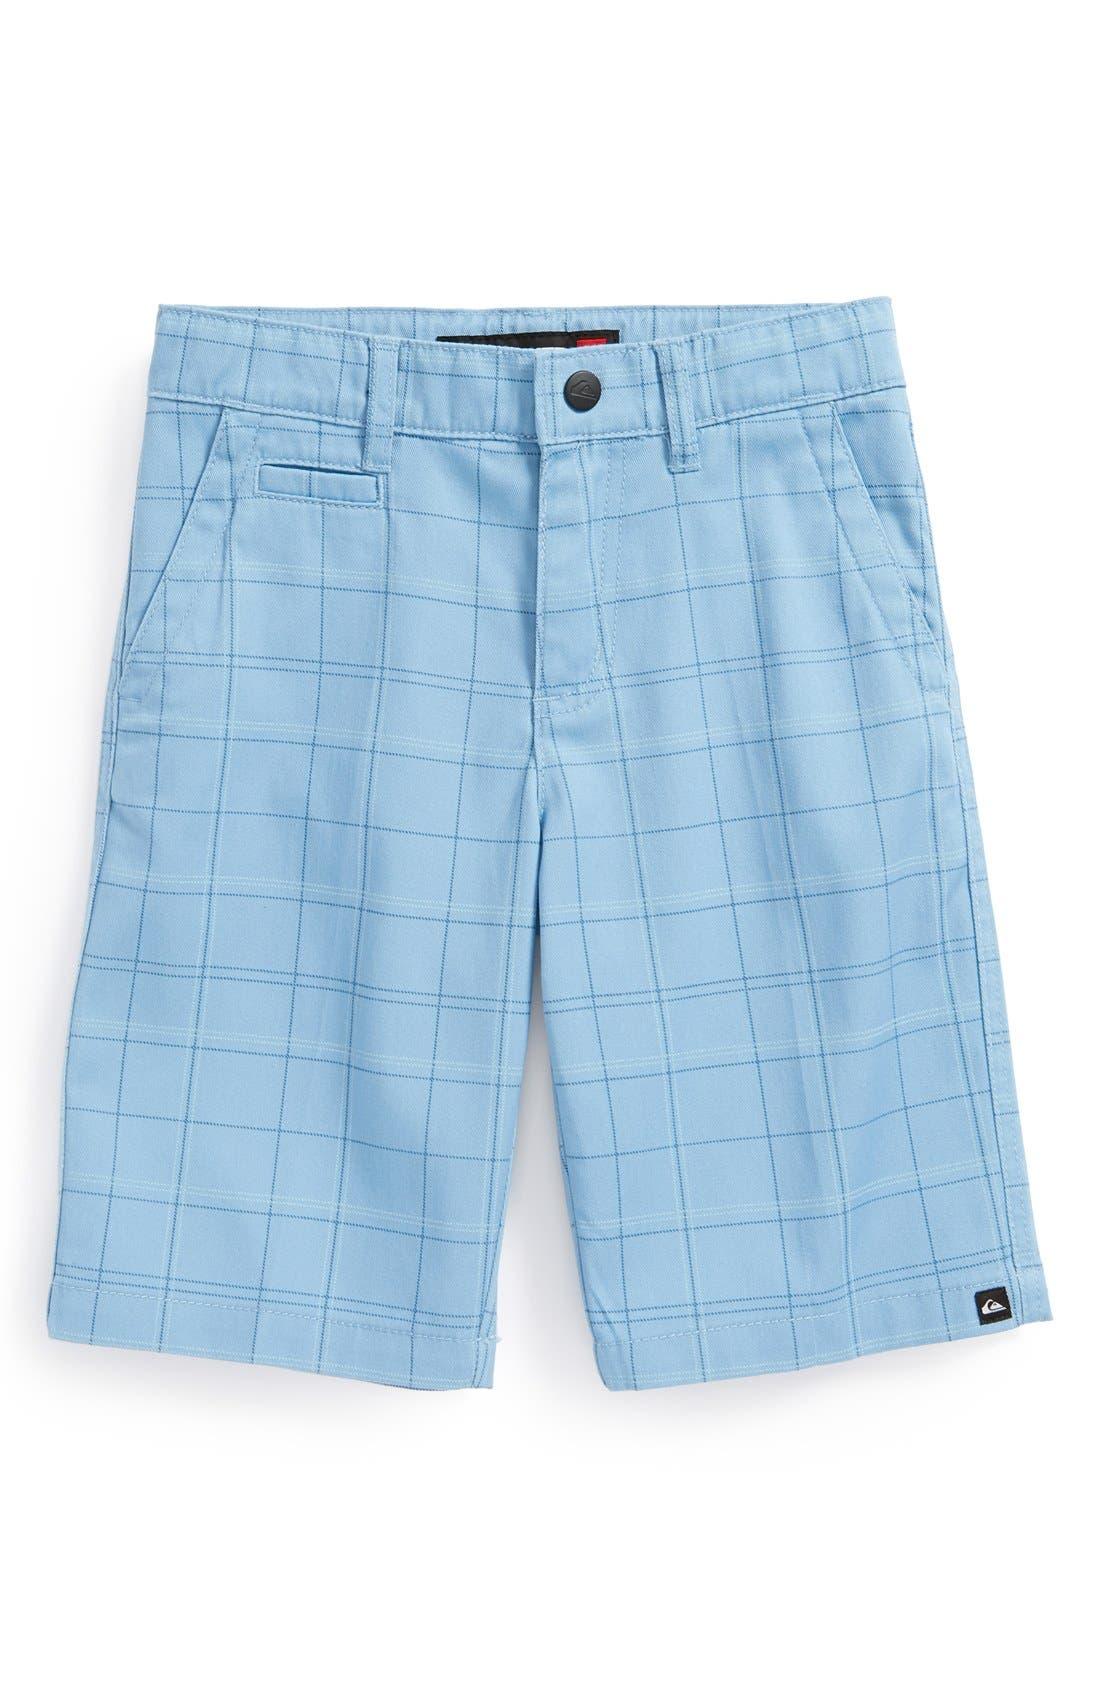 Main Image - Quiksilver 'Divided Surplus' Shorts (Little Boys)